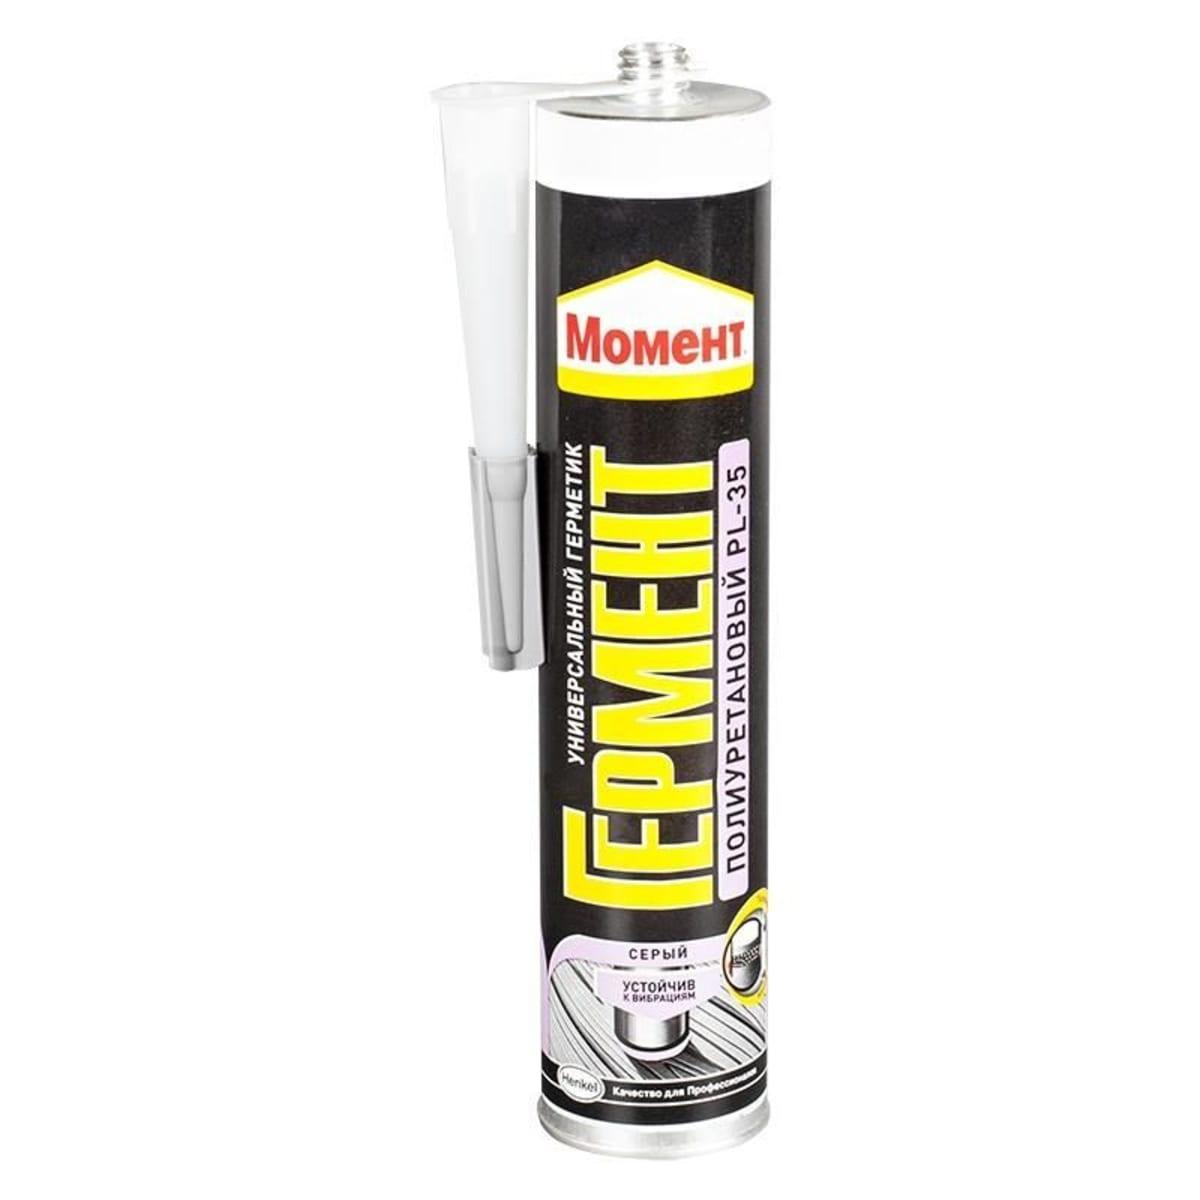 Герметик для бетона купить в леруа мерлен цена бетоны утеплители